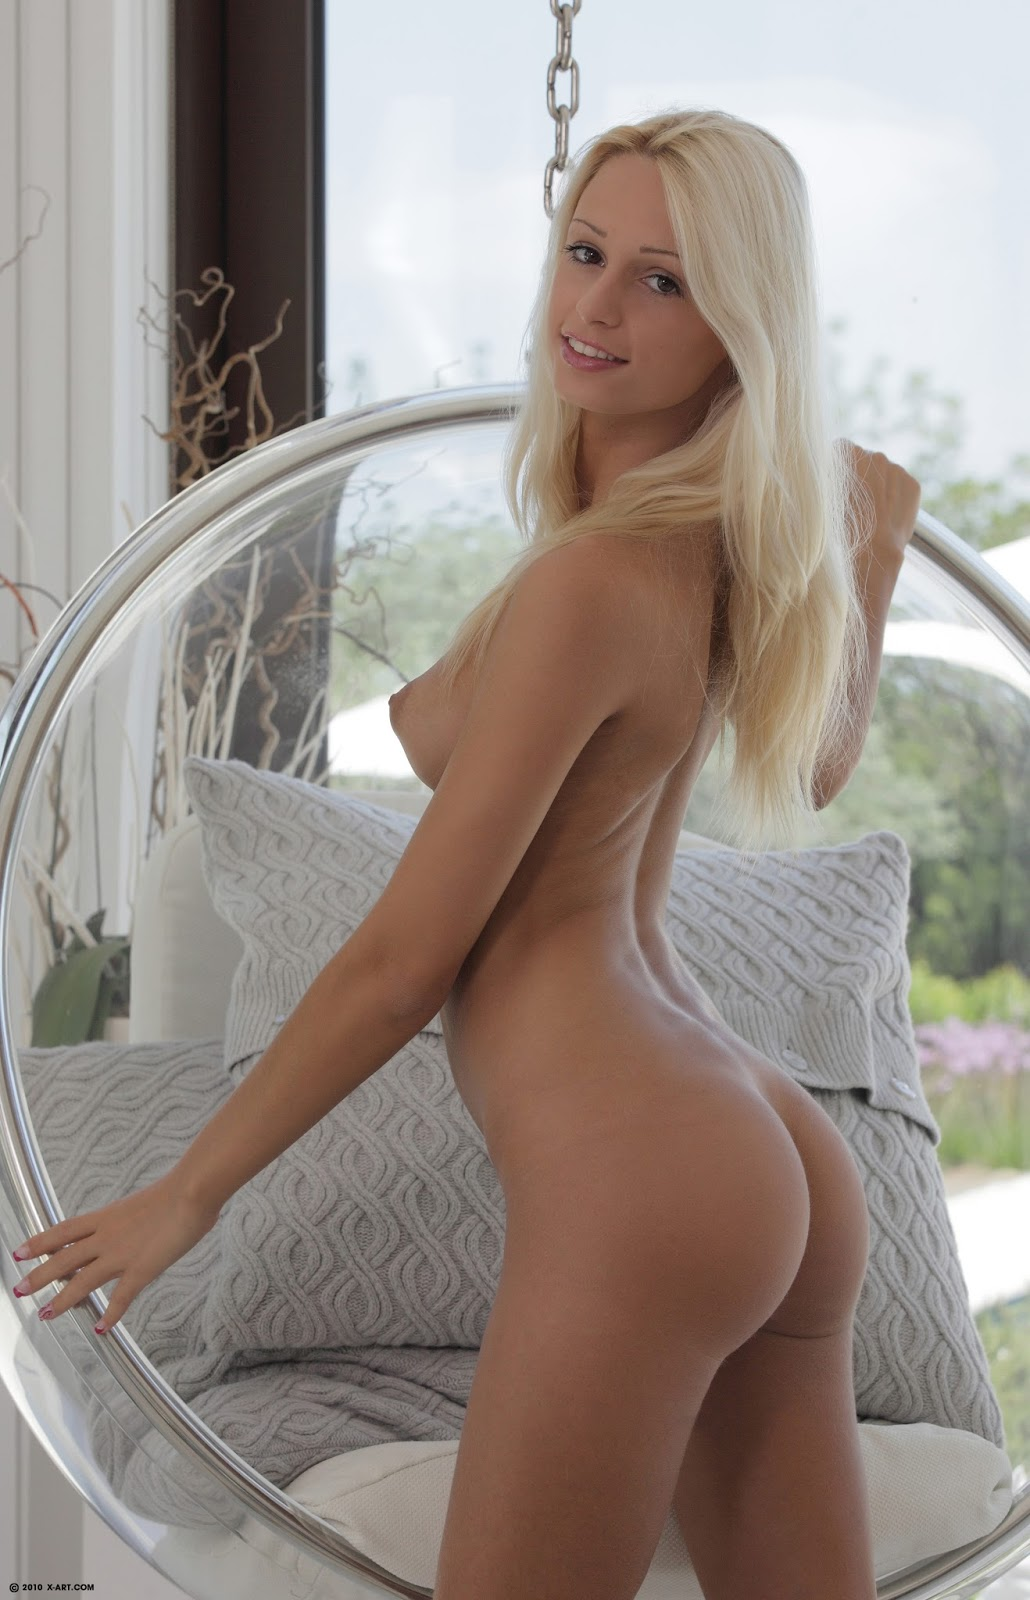 Секс с голой девкой 21 фотография